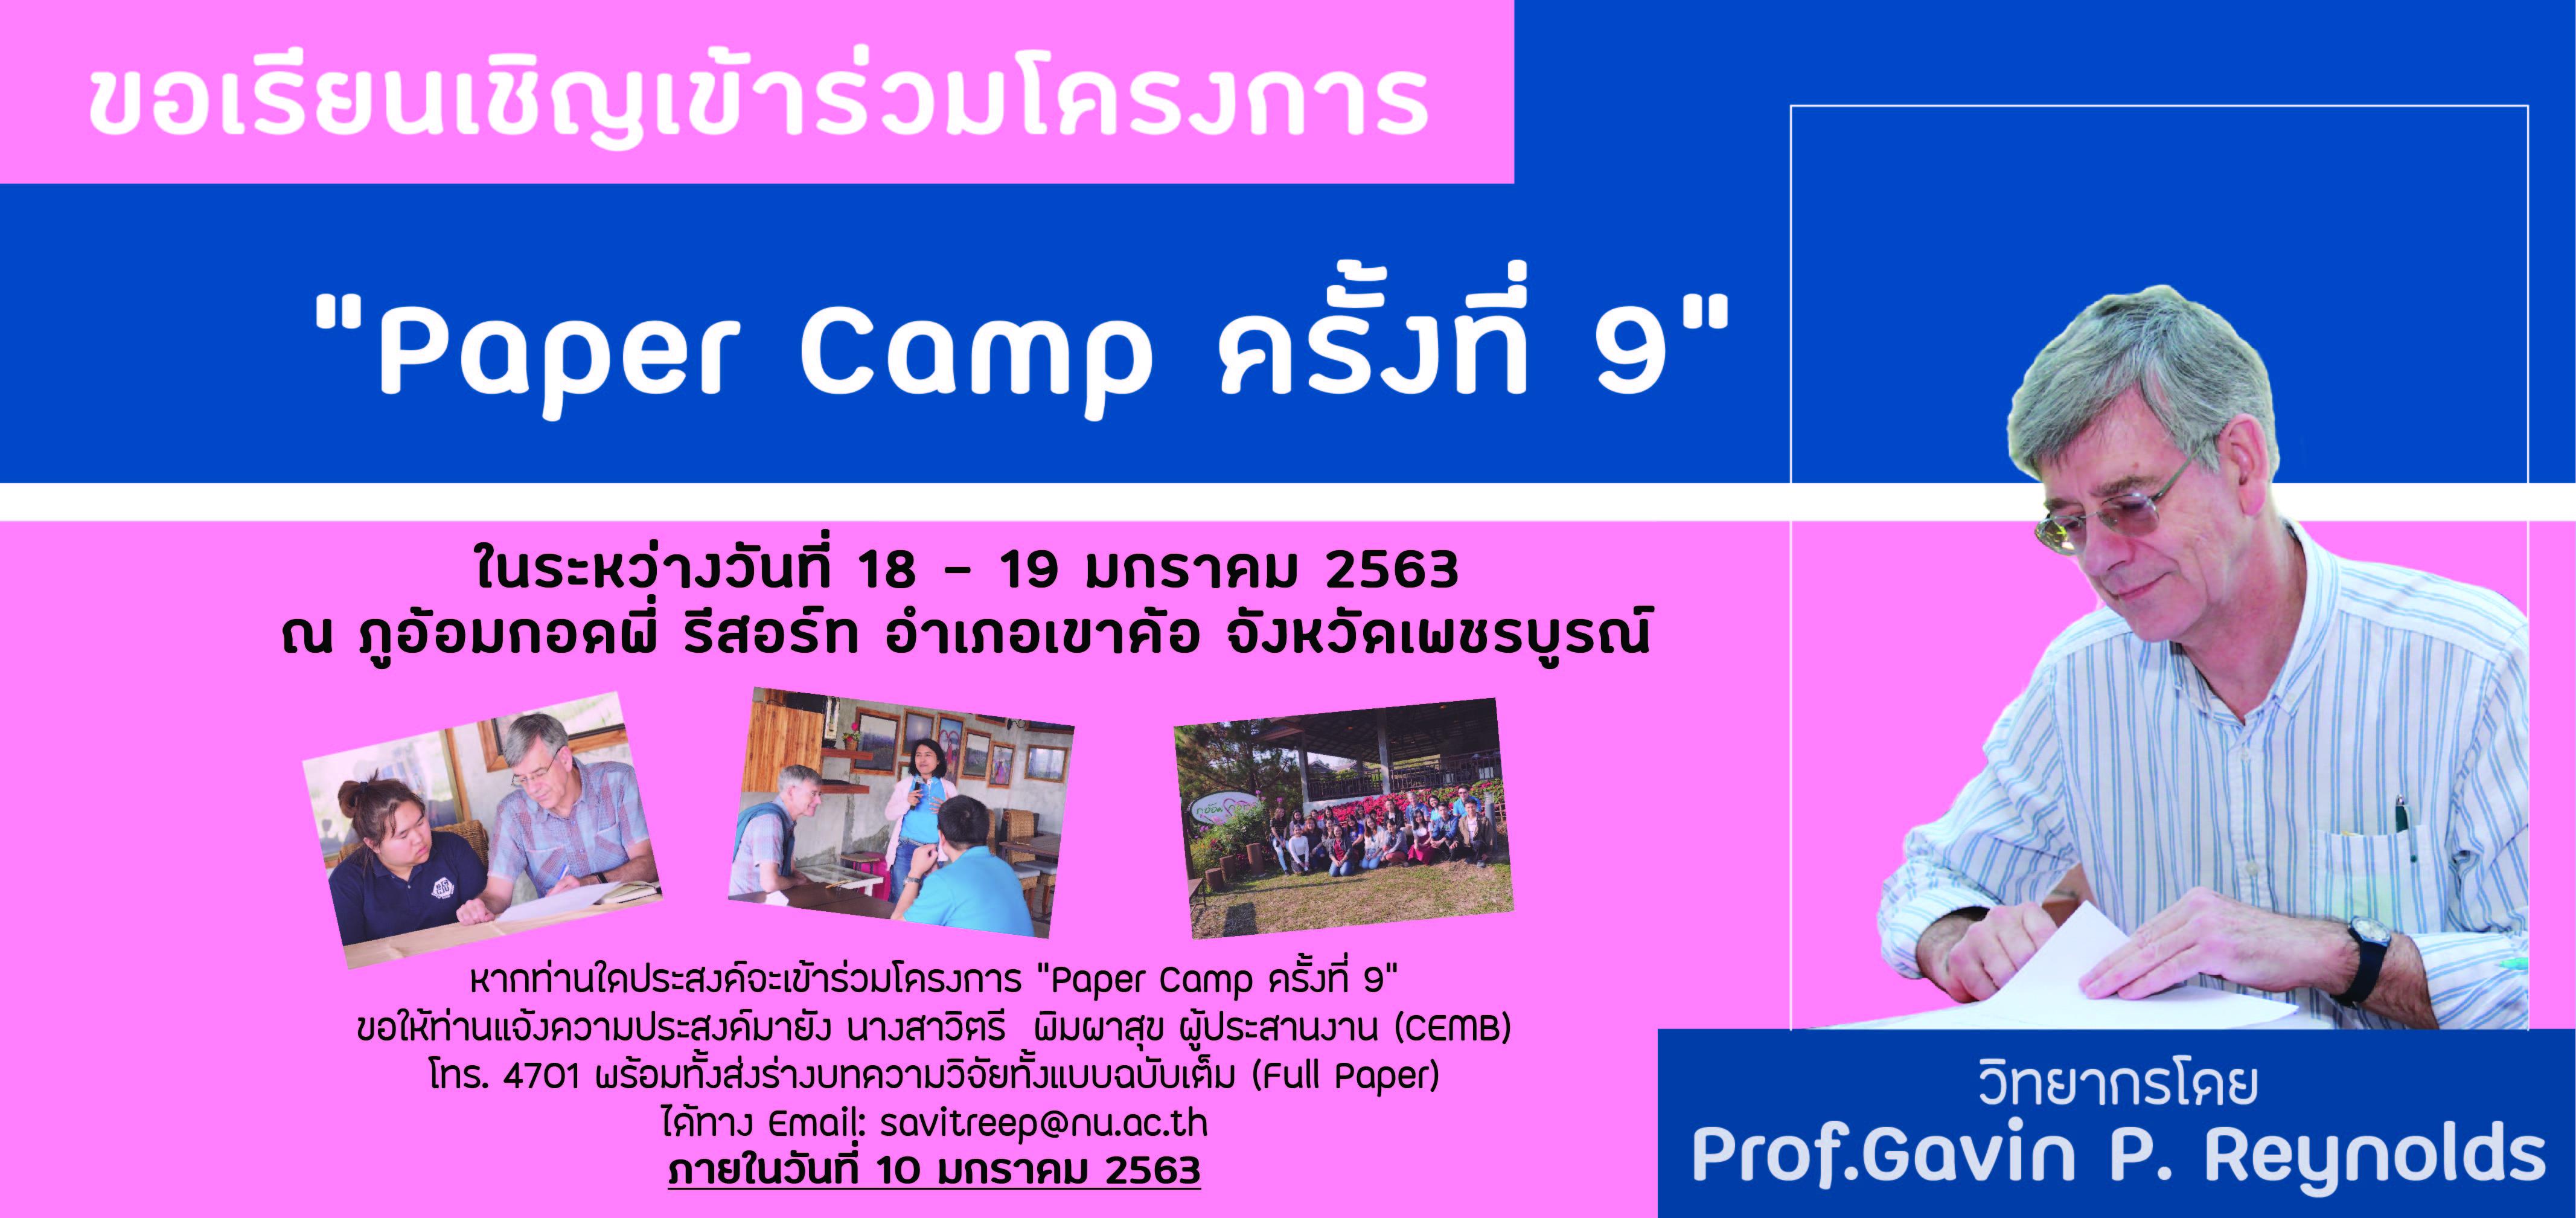 """ขอเรียนเชิญเข้าร่วมโครงการ """"Paper Camp ครั้งที่ 9"""